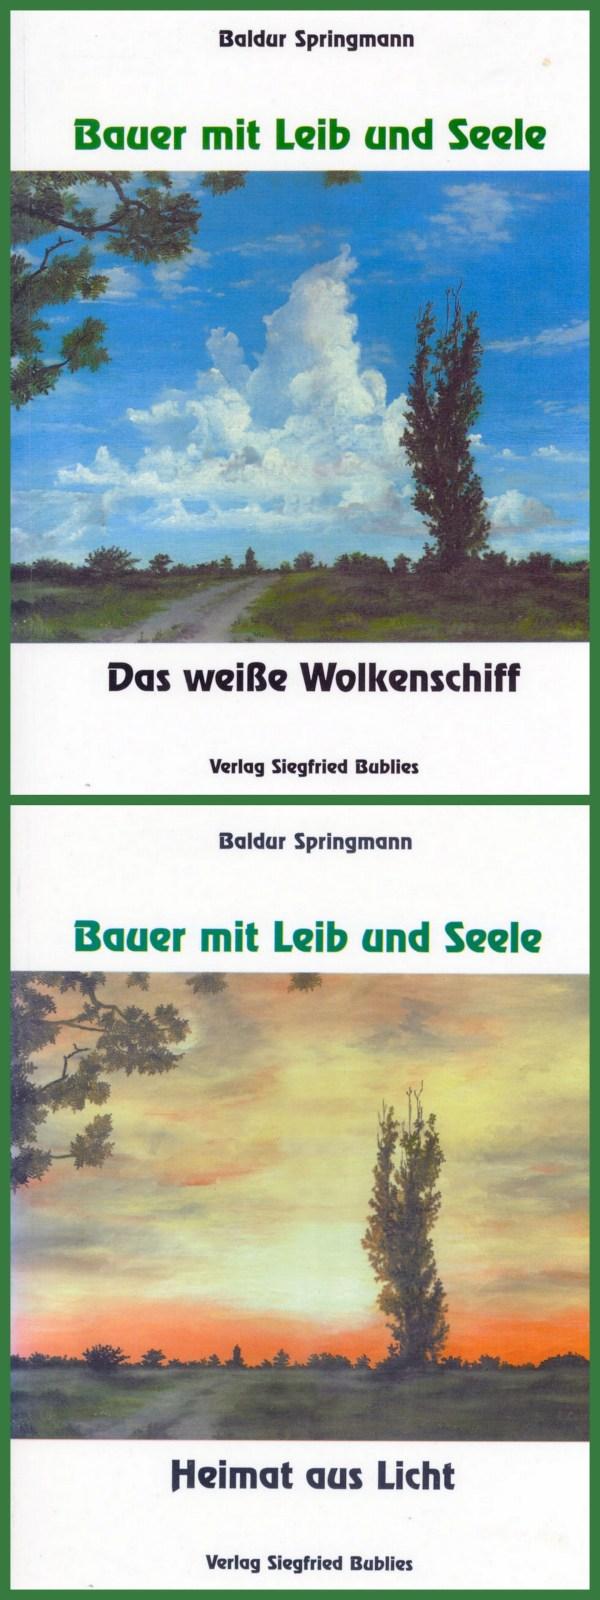 Baldur Springmann, Bauer mit Leib und Seele. 2 Bände